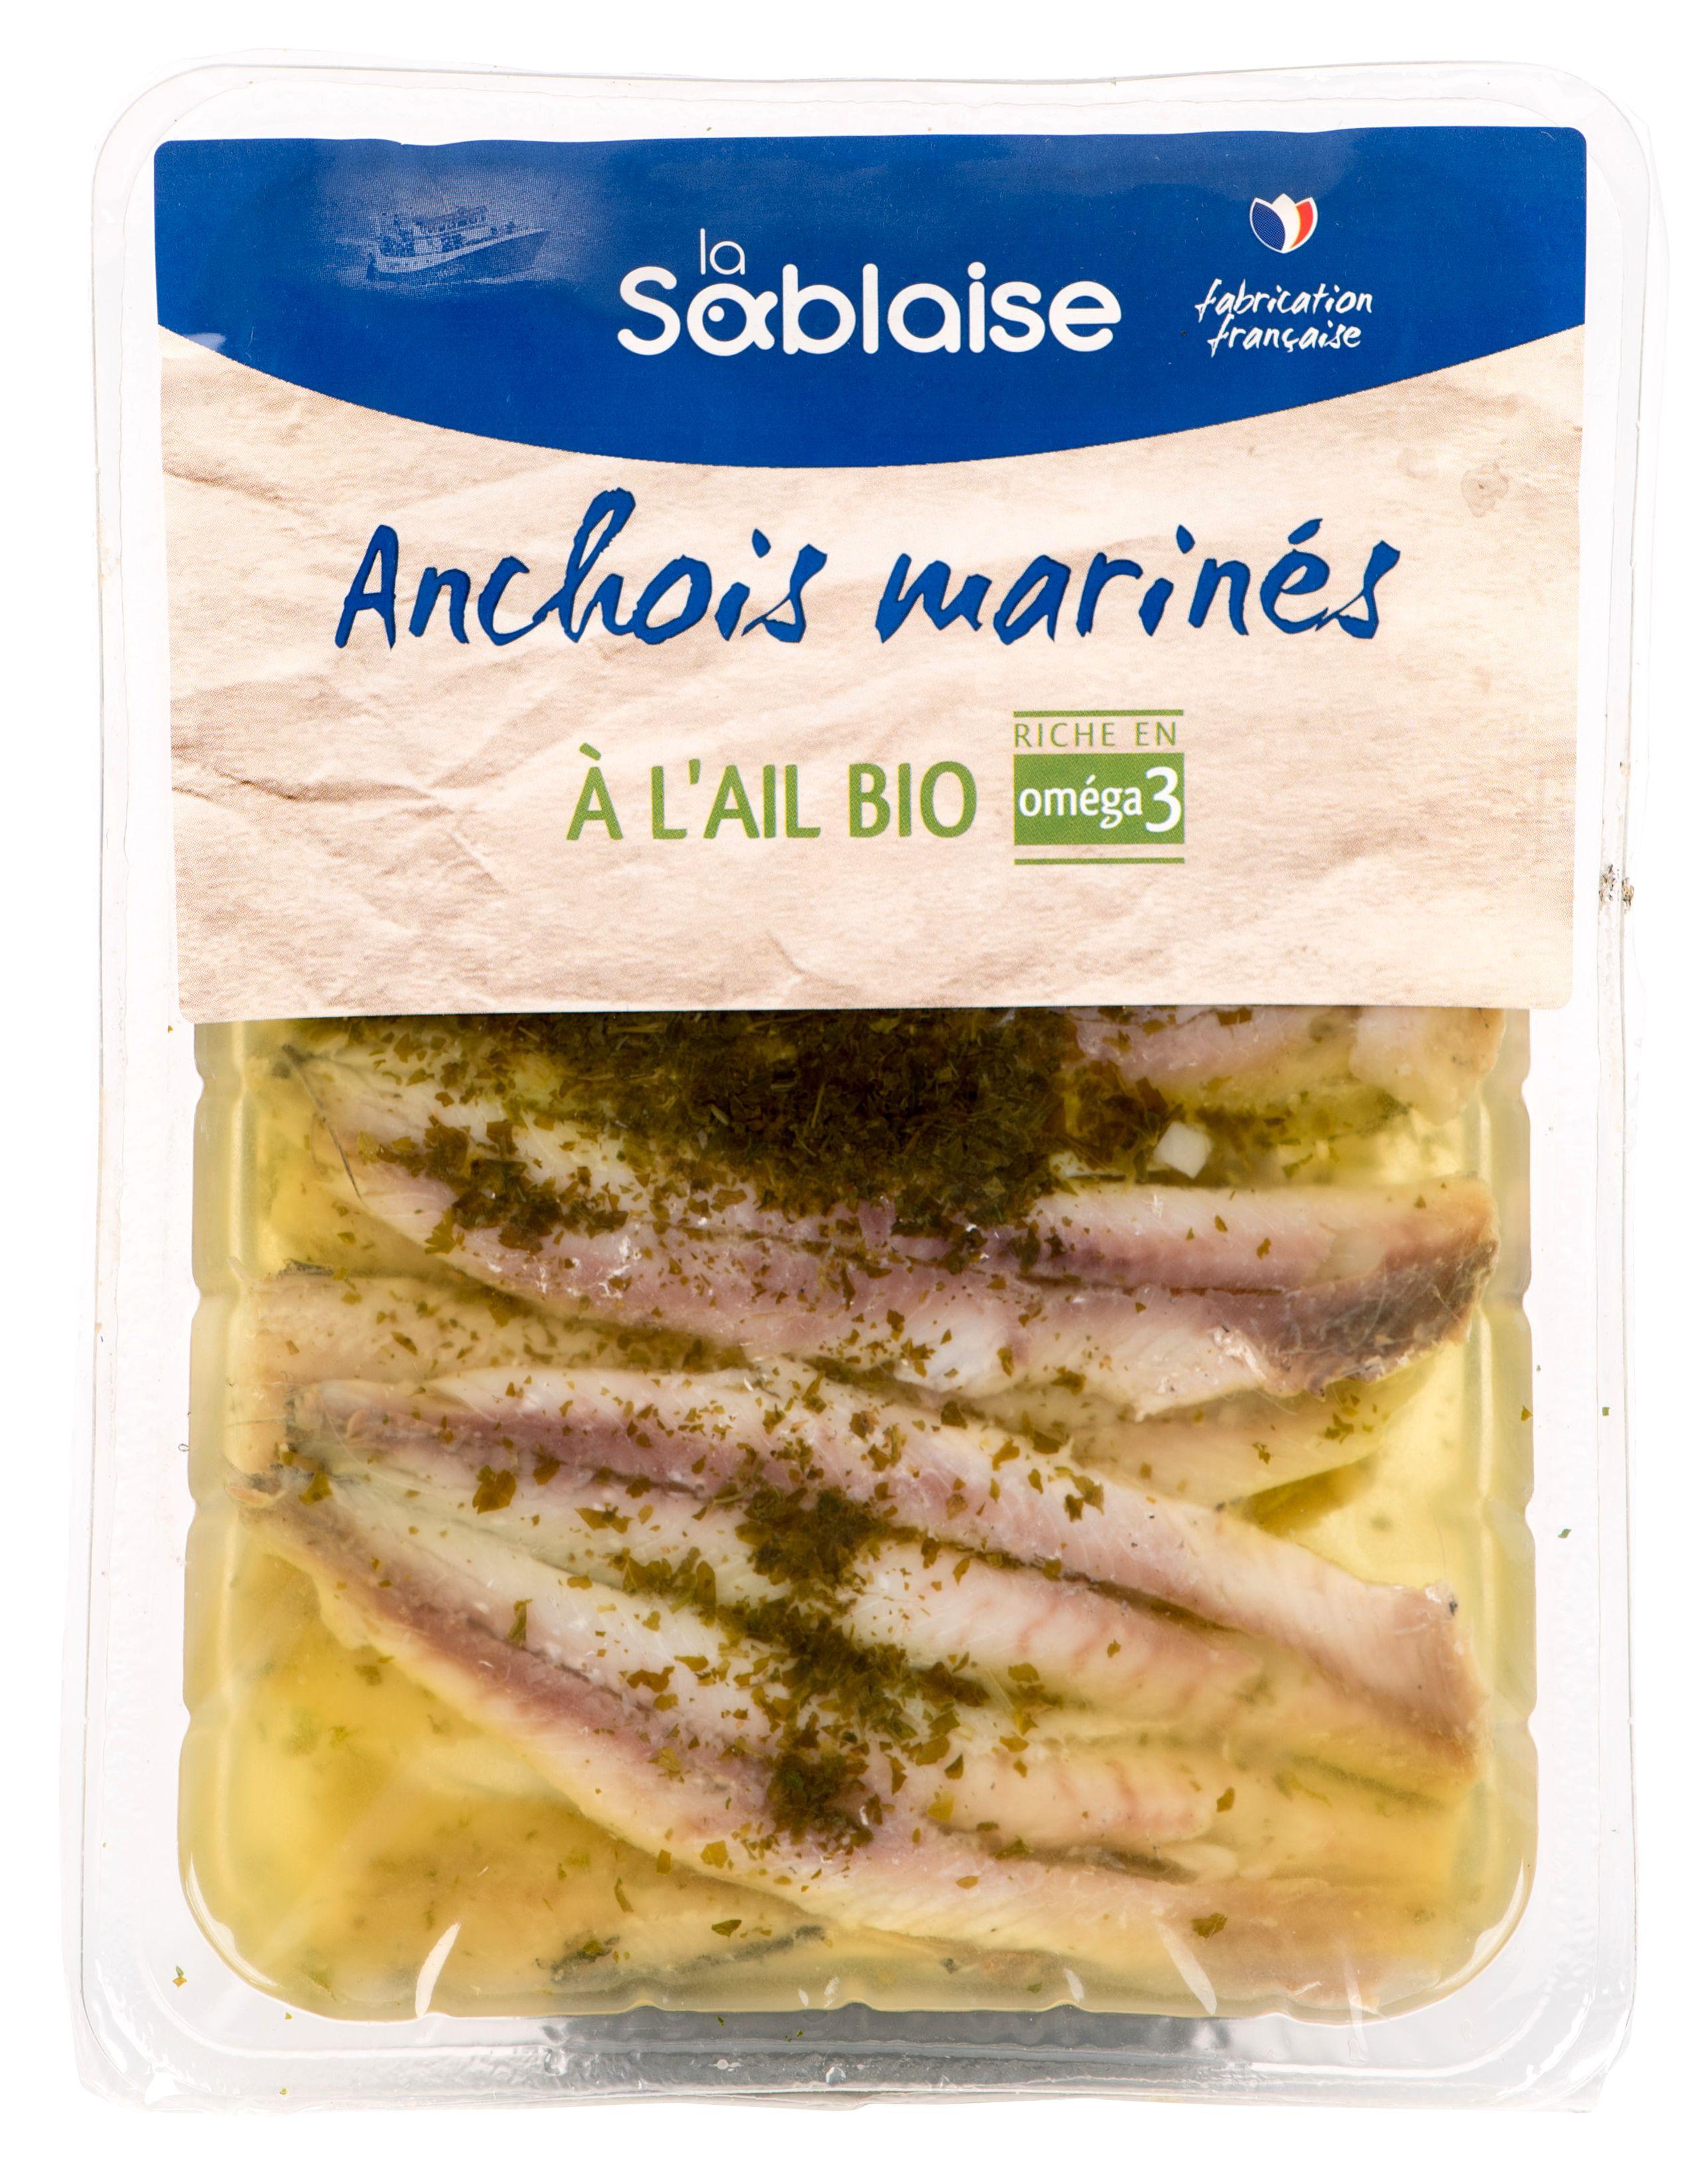 Anchois marinés à l'ail BIO, La Sablaise (150 g)